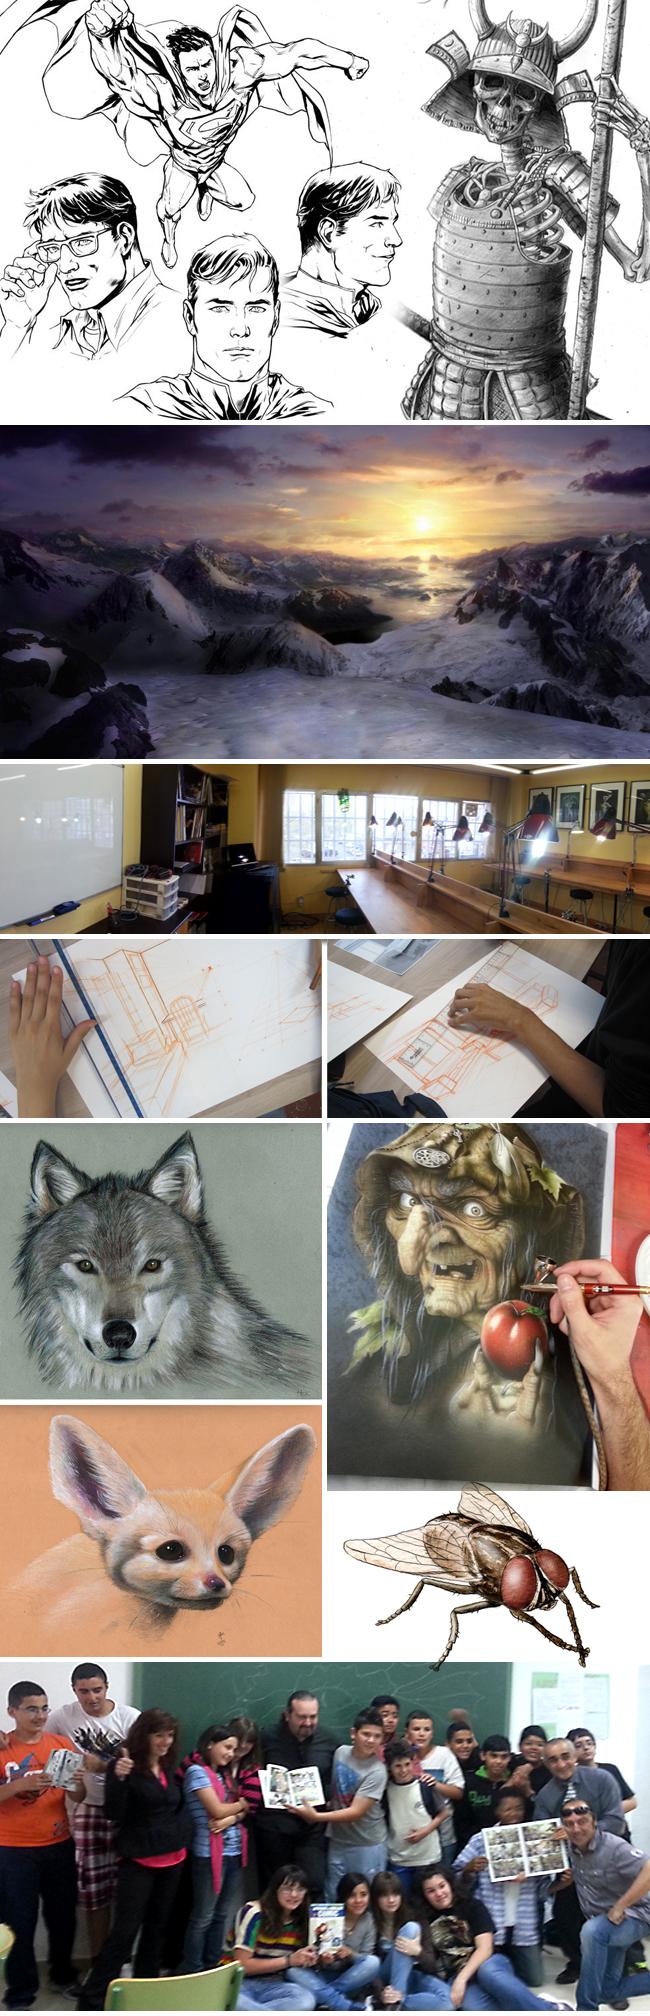 Trabajos de alumnos de de los curso-cursos-profesionales en Academia C10.Madrid-Dibujo-comic-aerografia-ilustracion-arte digital-fx-maquillaje-1